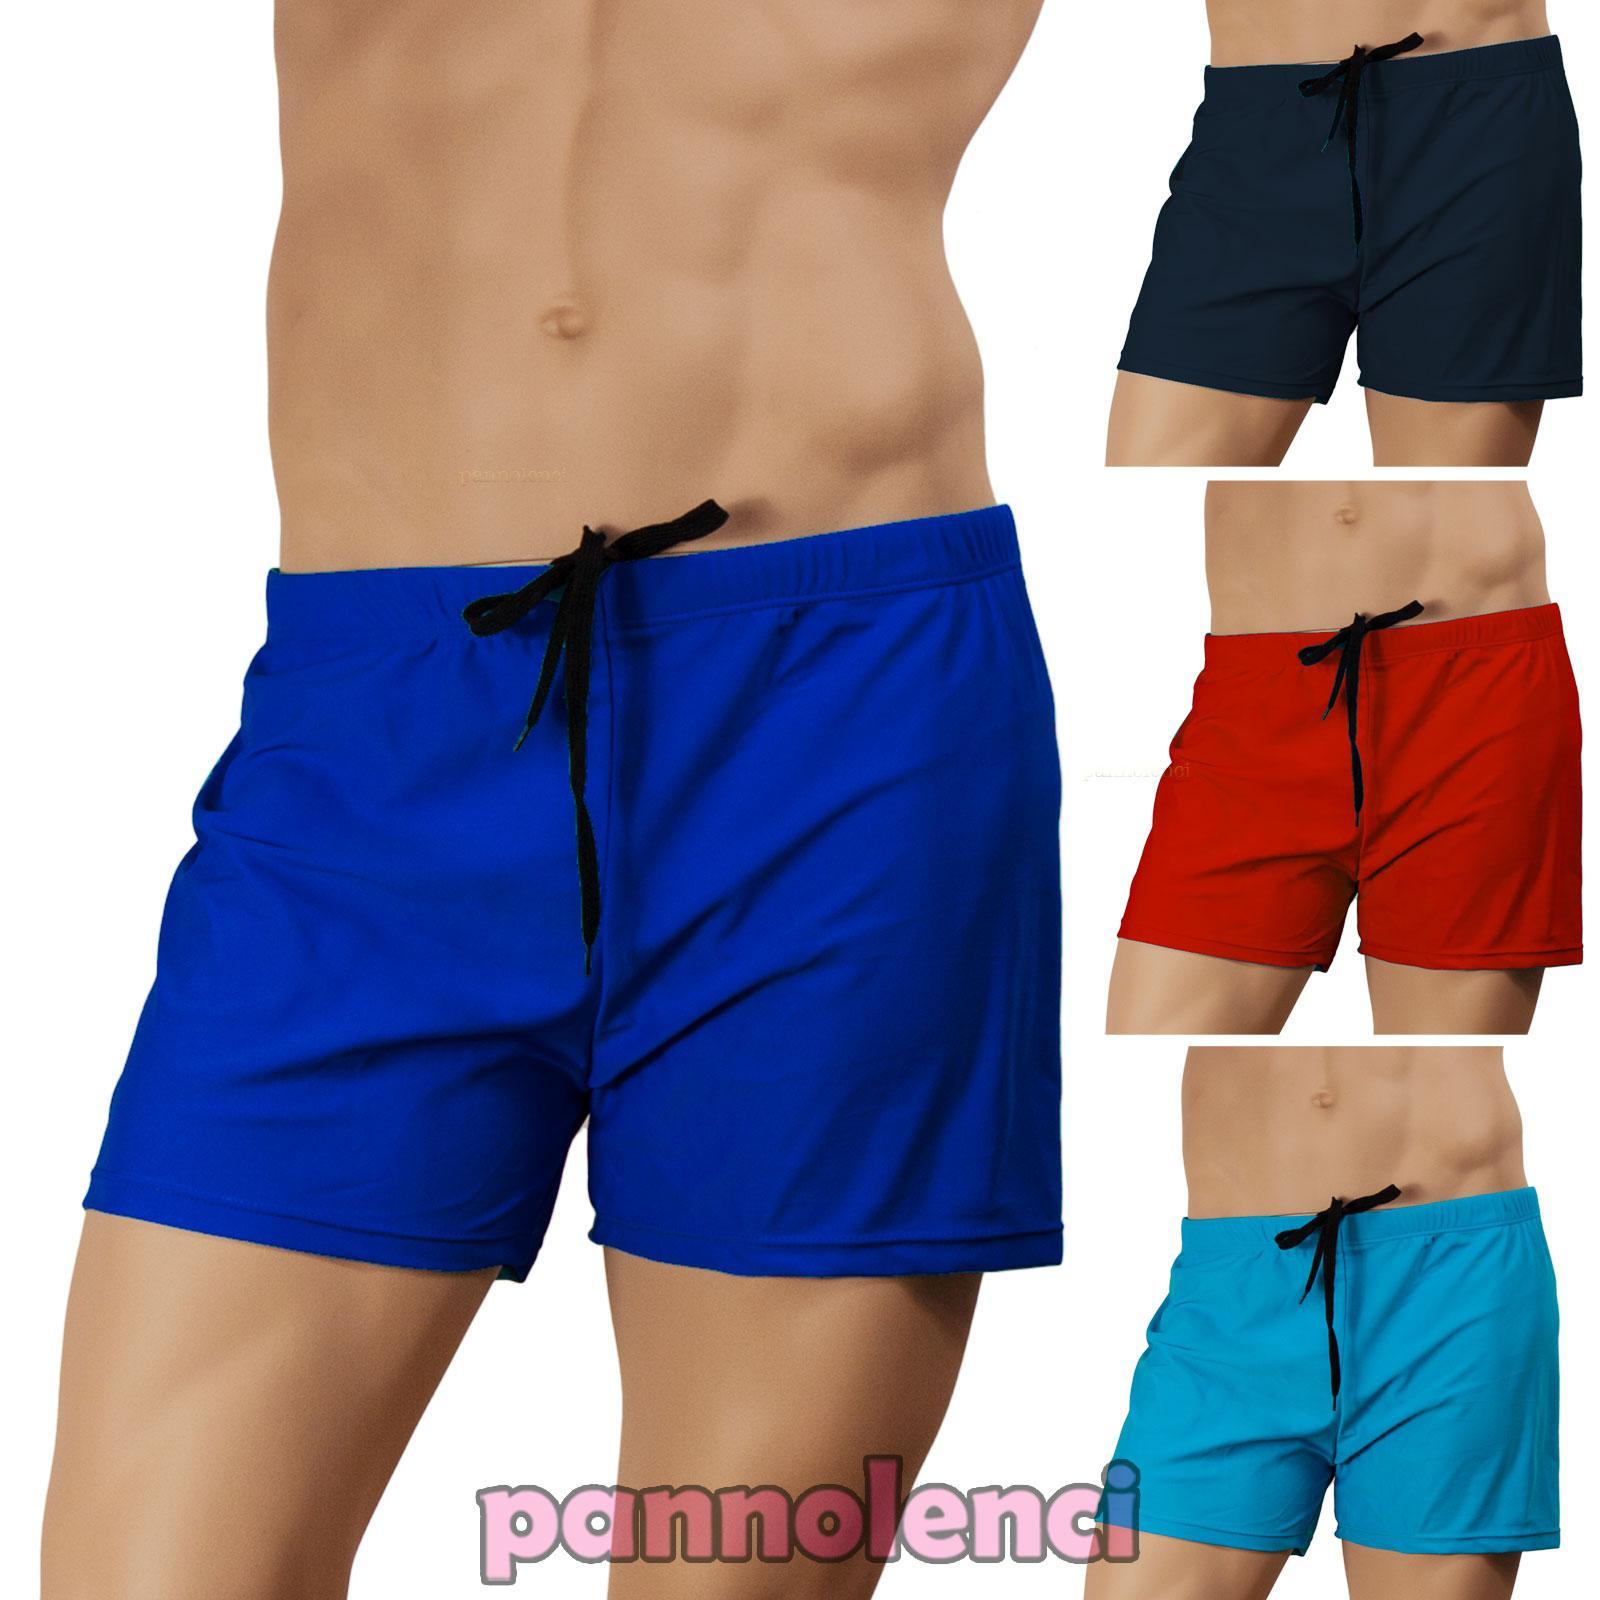 Détails Sur Bermuda Homme Costume Short Mer Ou Piscine Caleçon Boxer  Swimsuit Neuf Dy15030 avec Maillot Piscine Homme